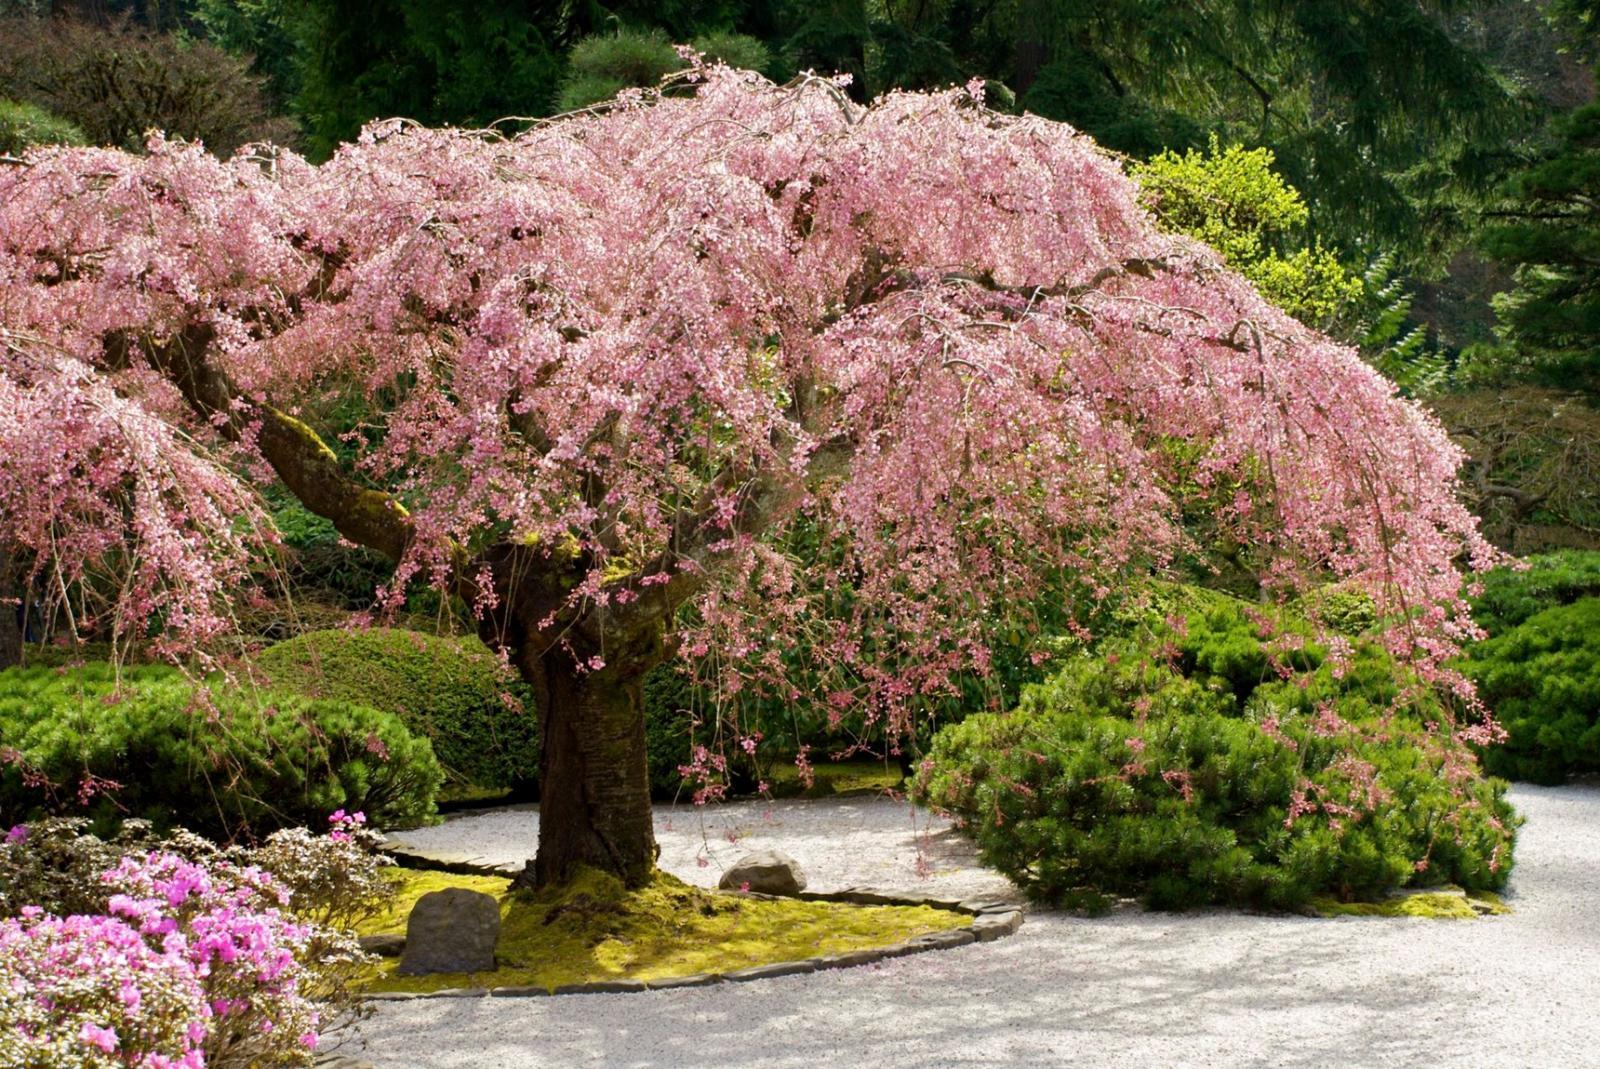 дерево-солитер в ландшафтном дизайне